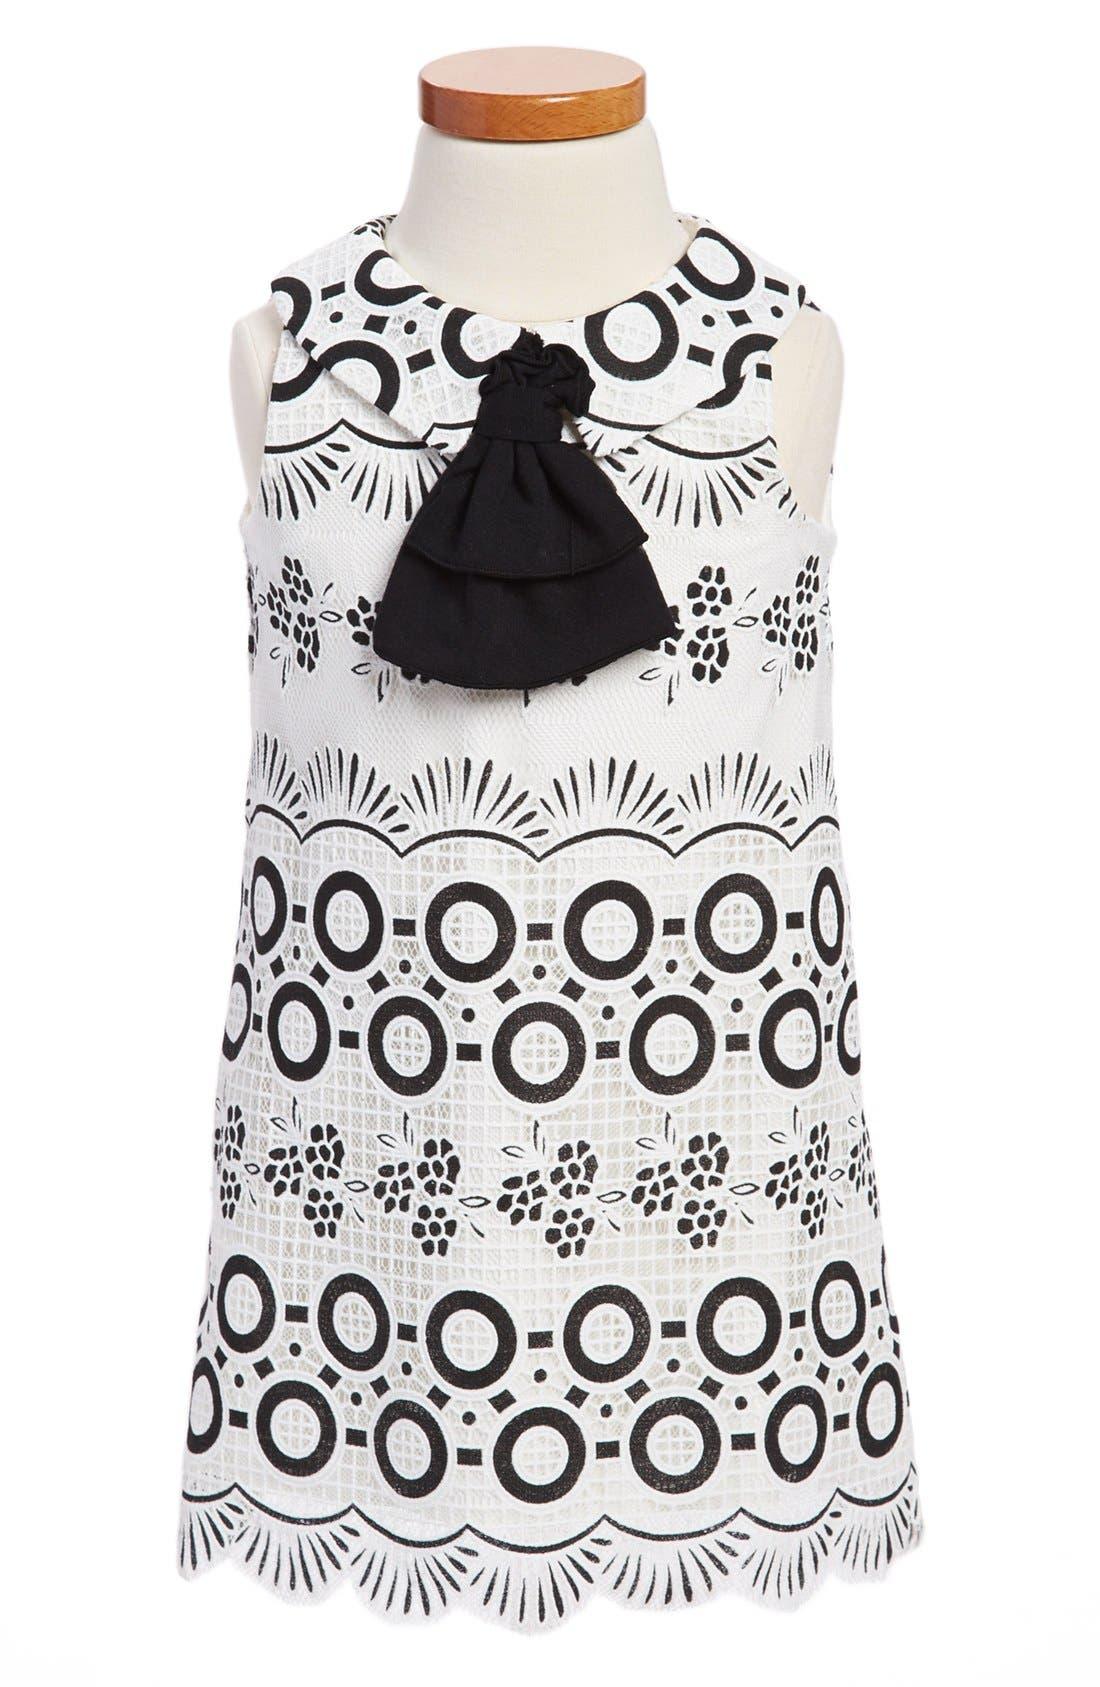 Alternate Image 1 Selected - Pippa & Julie A-Line Shift Dress (Toddler Girls)